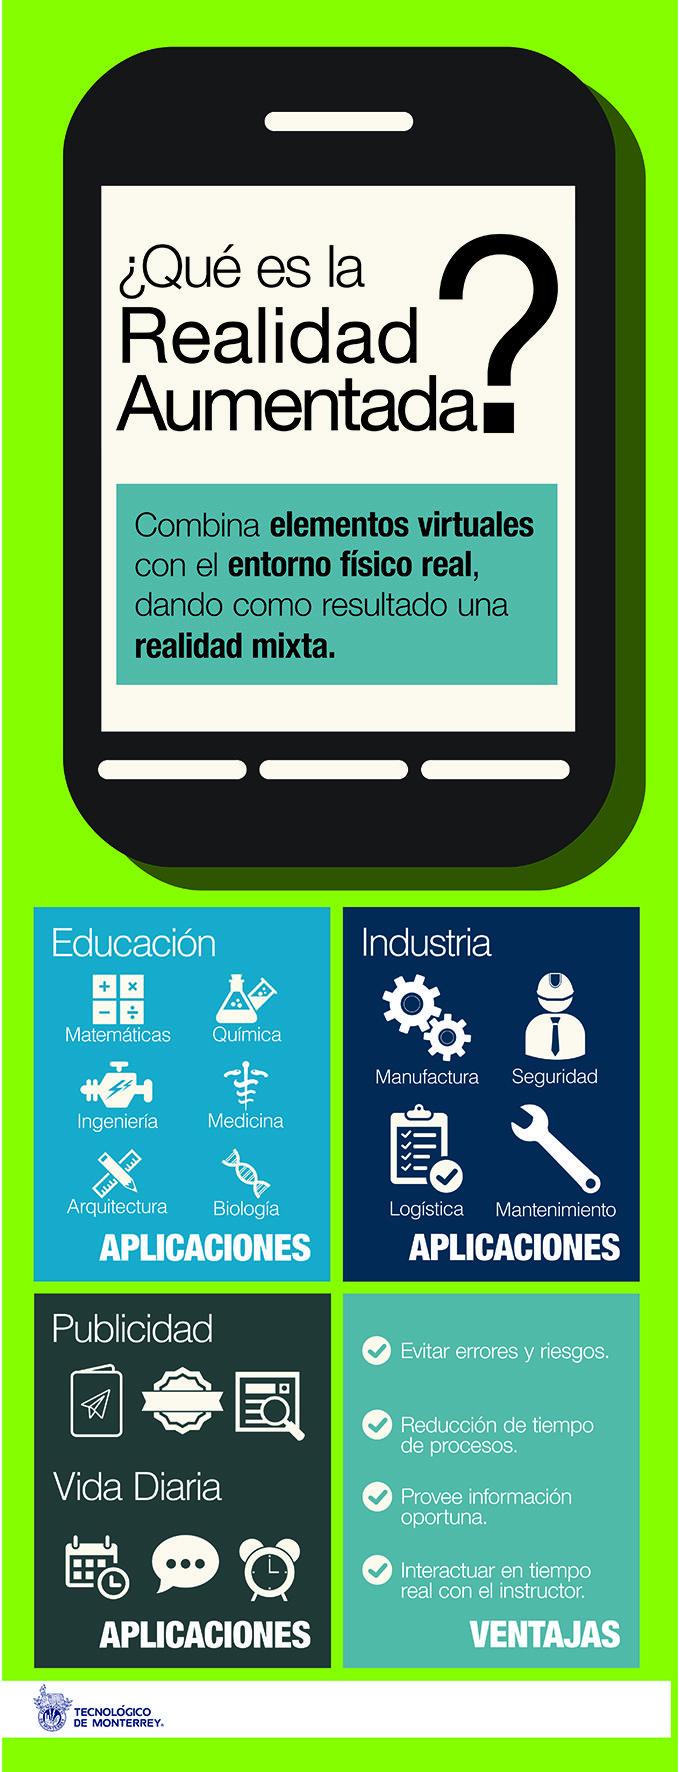 Qué es la realidad #aumentada